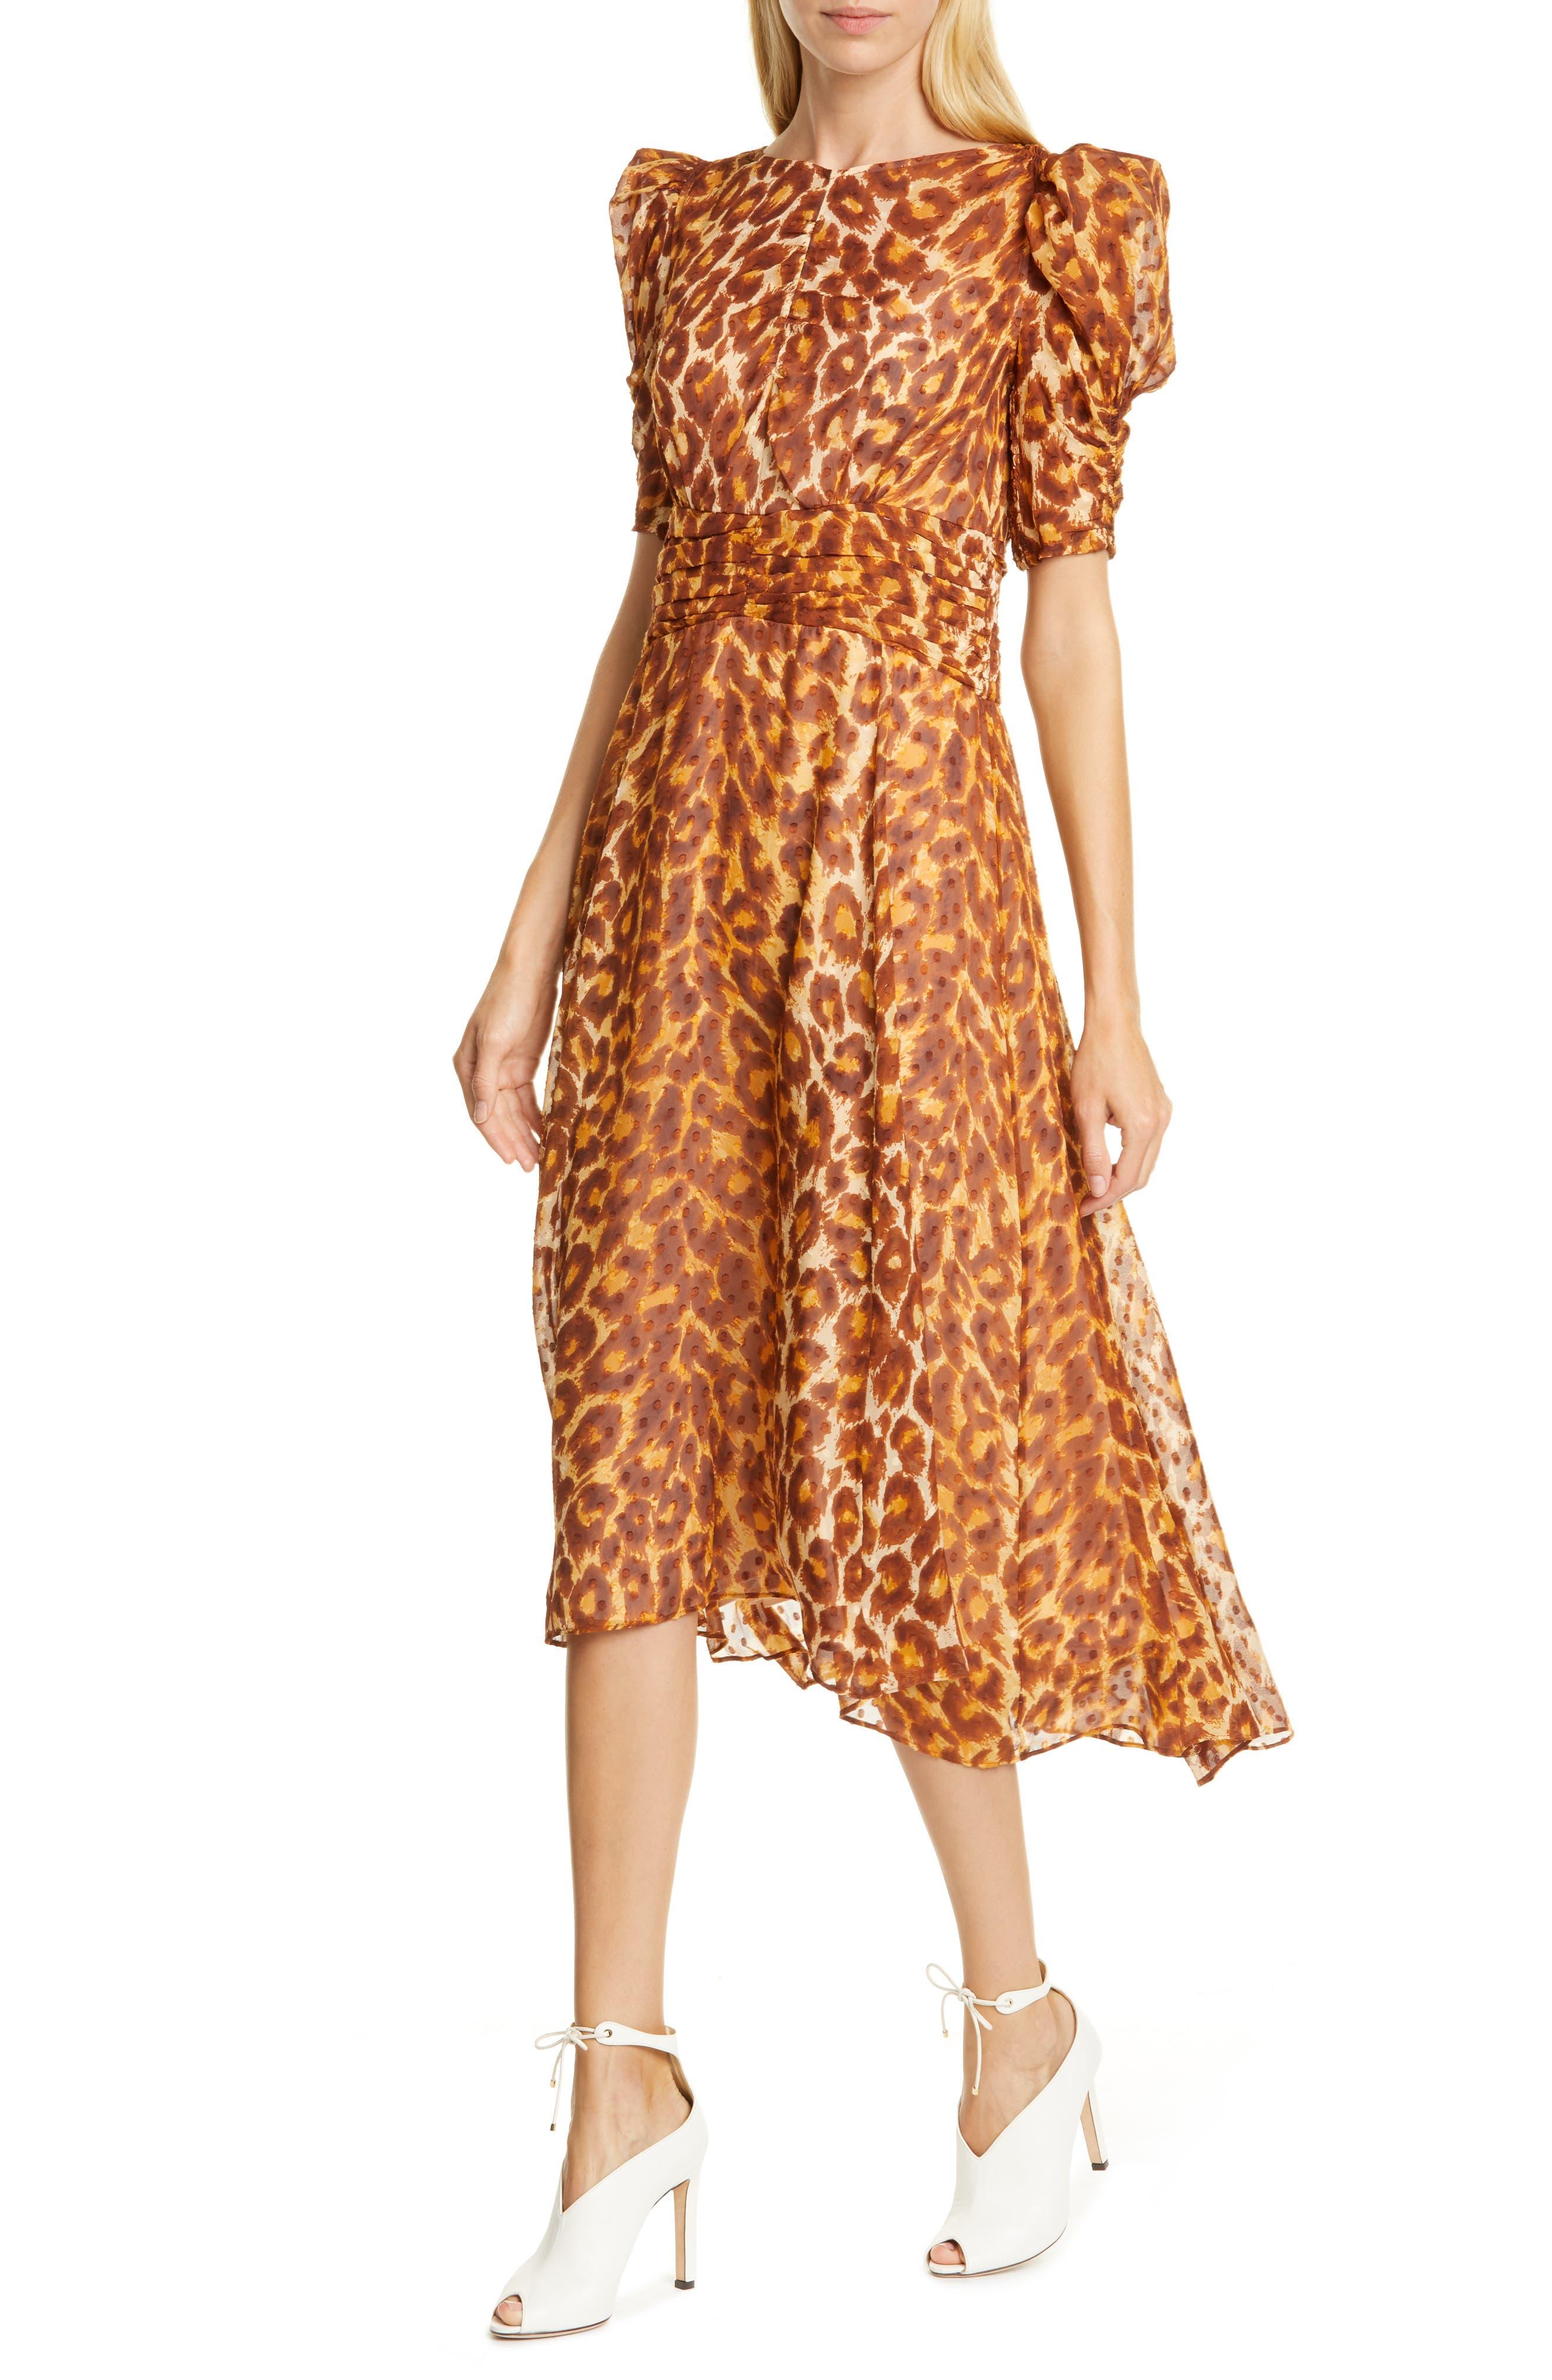 Kate Spade New York Dresses panthera clip dot silk dress